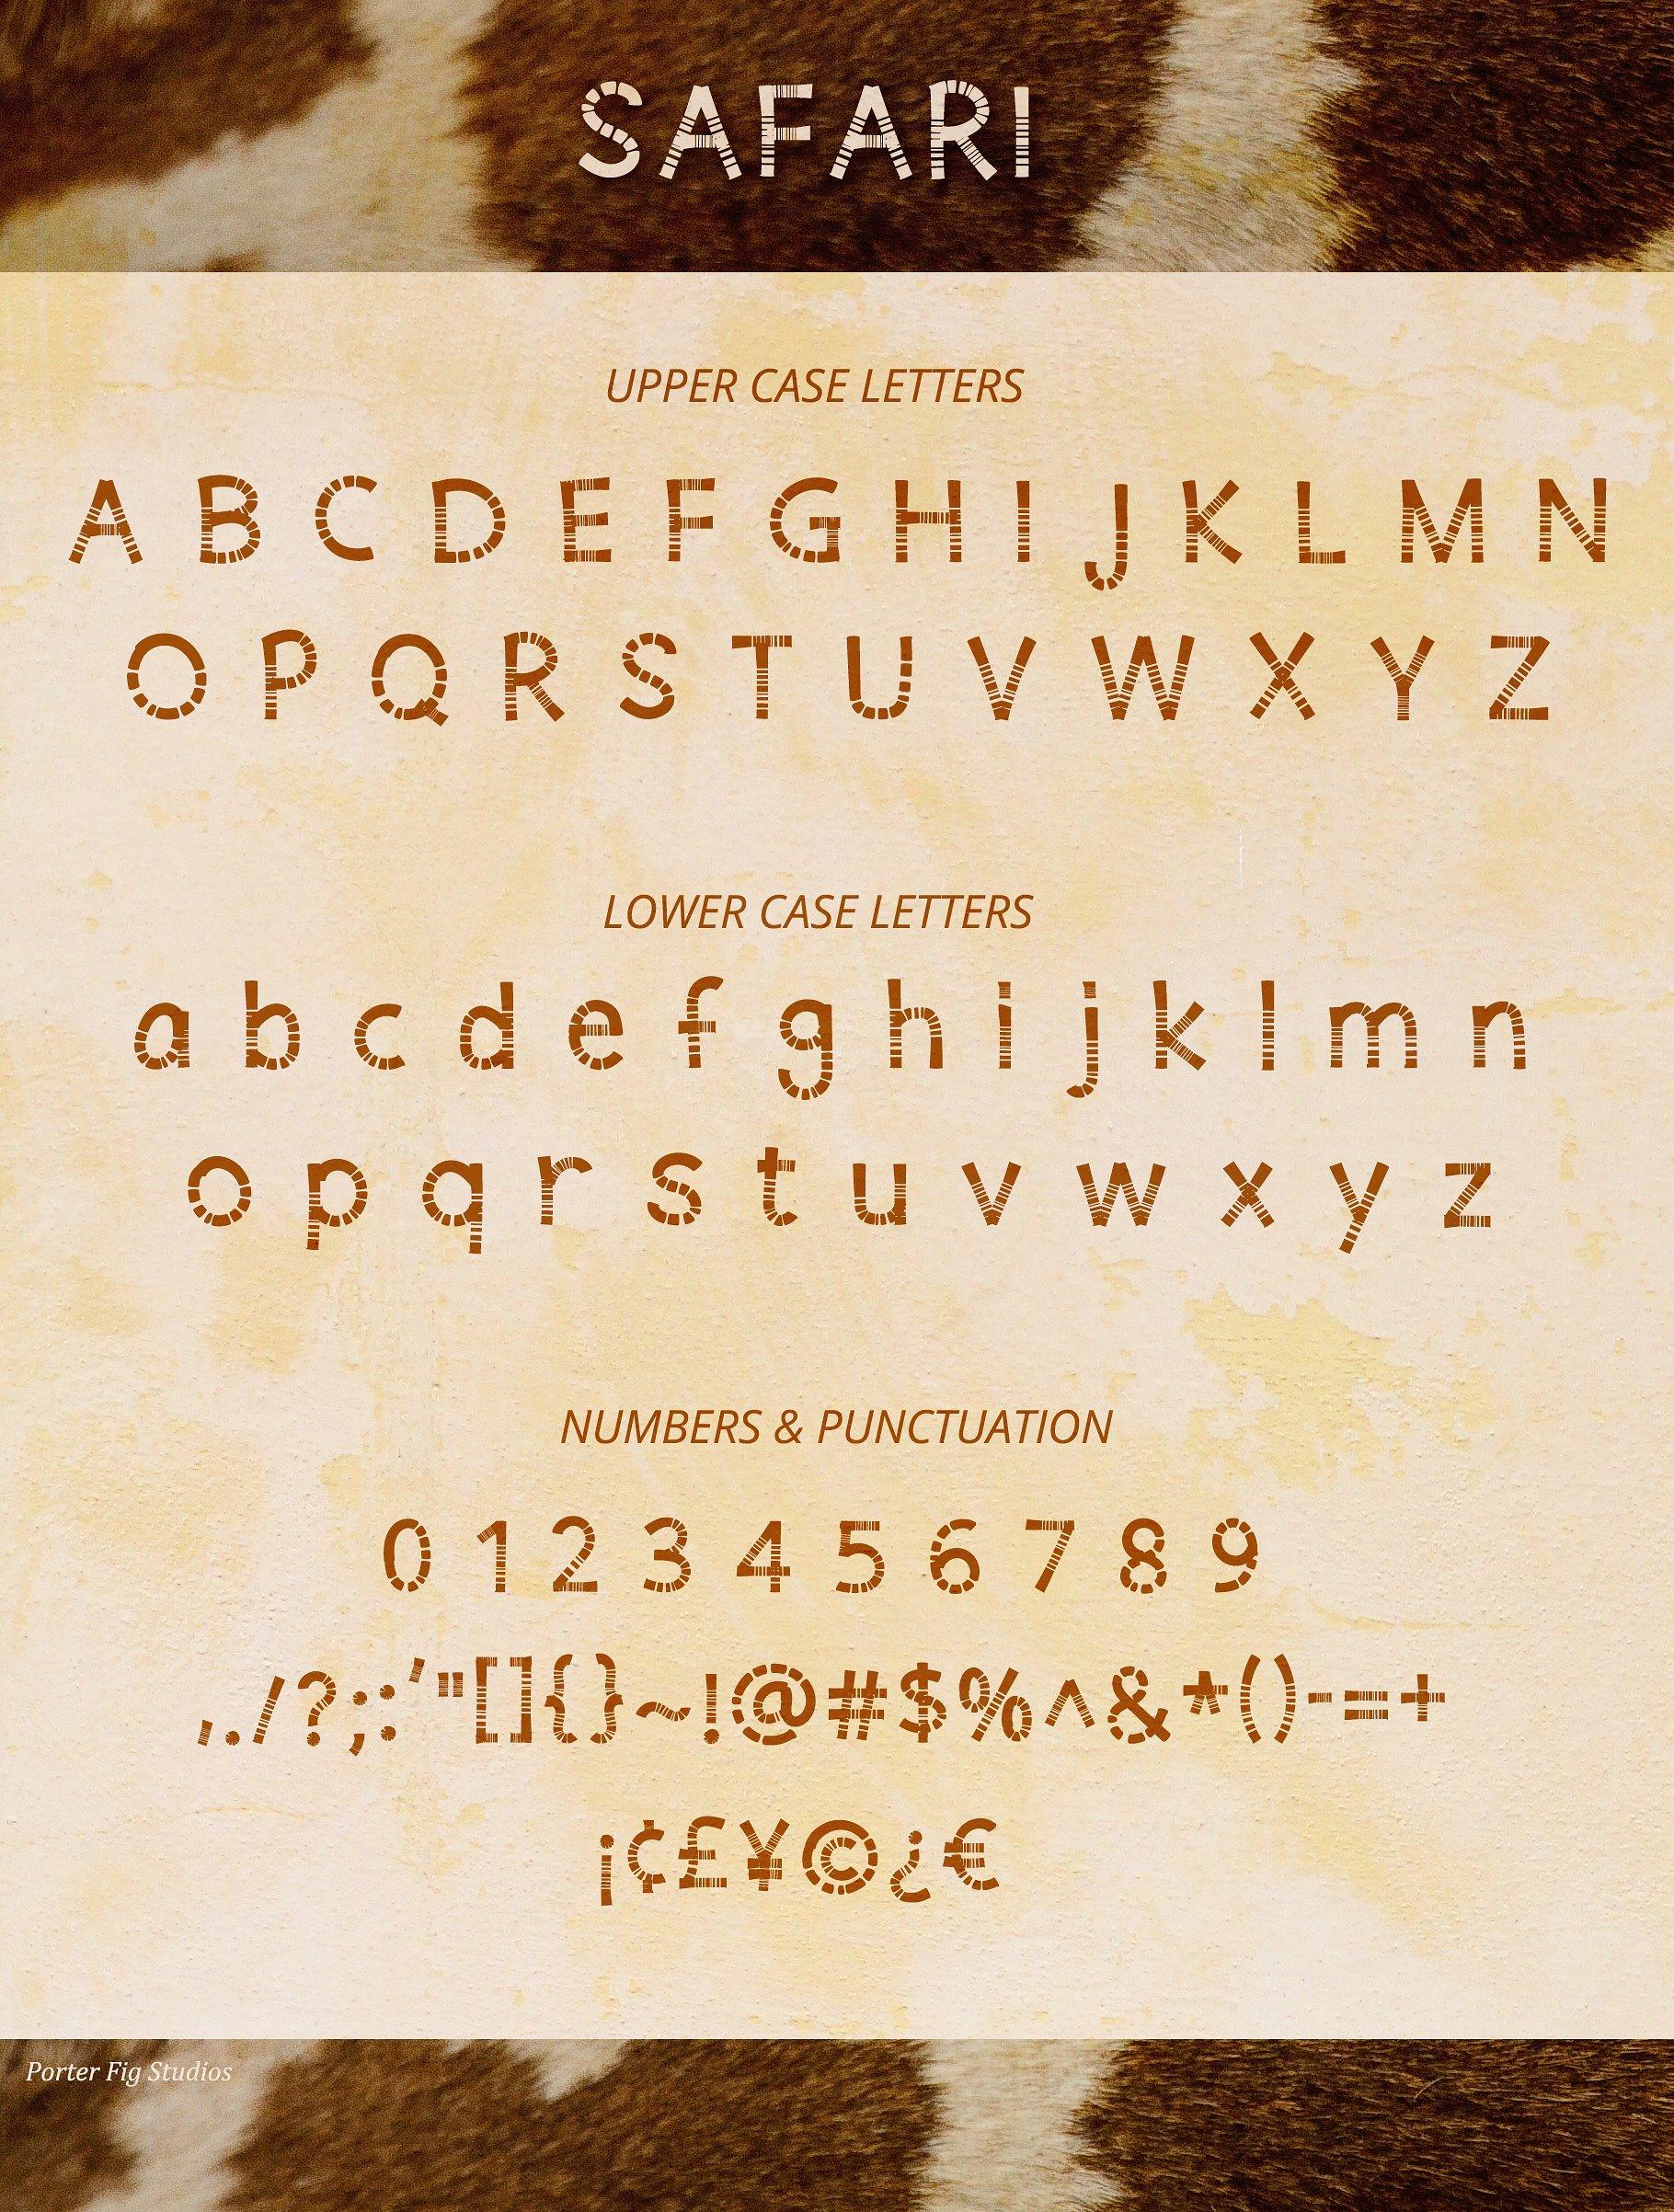 Safari Playful Display Font Typeface example image 2